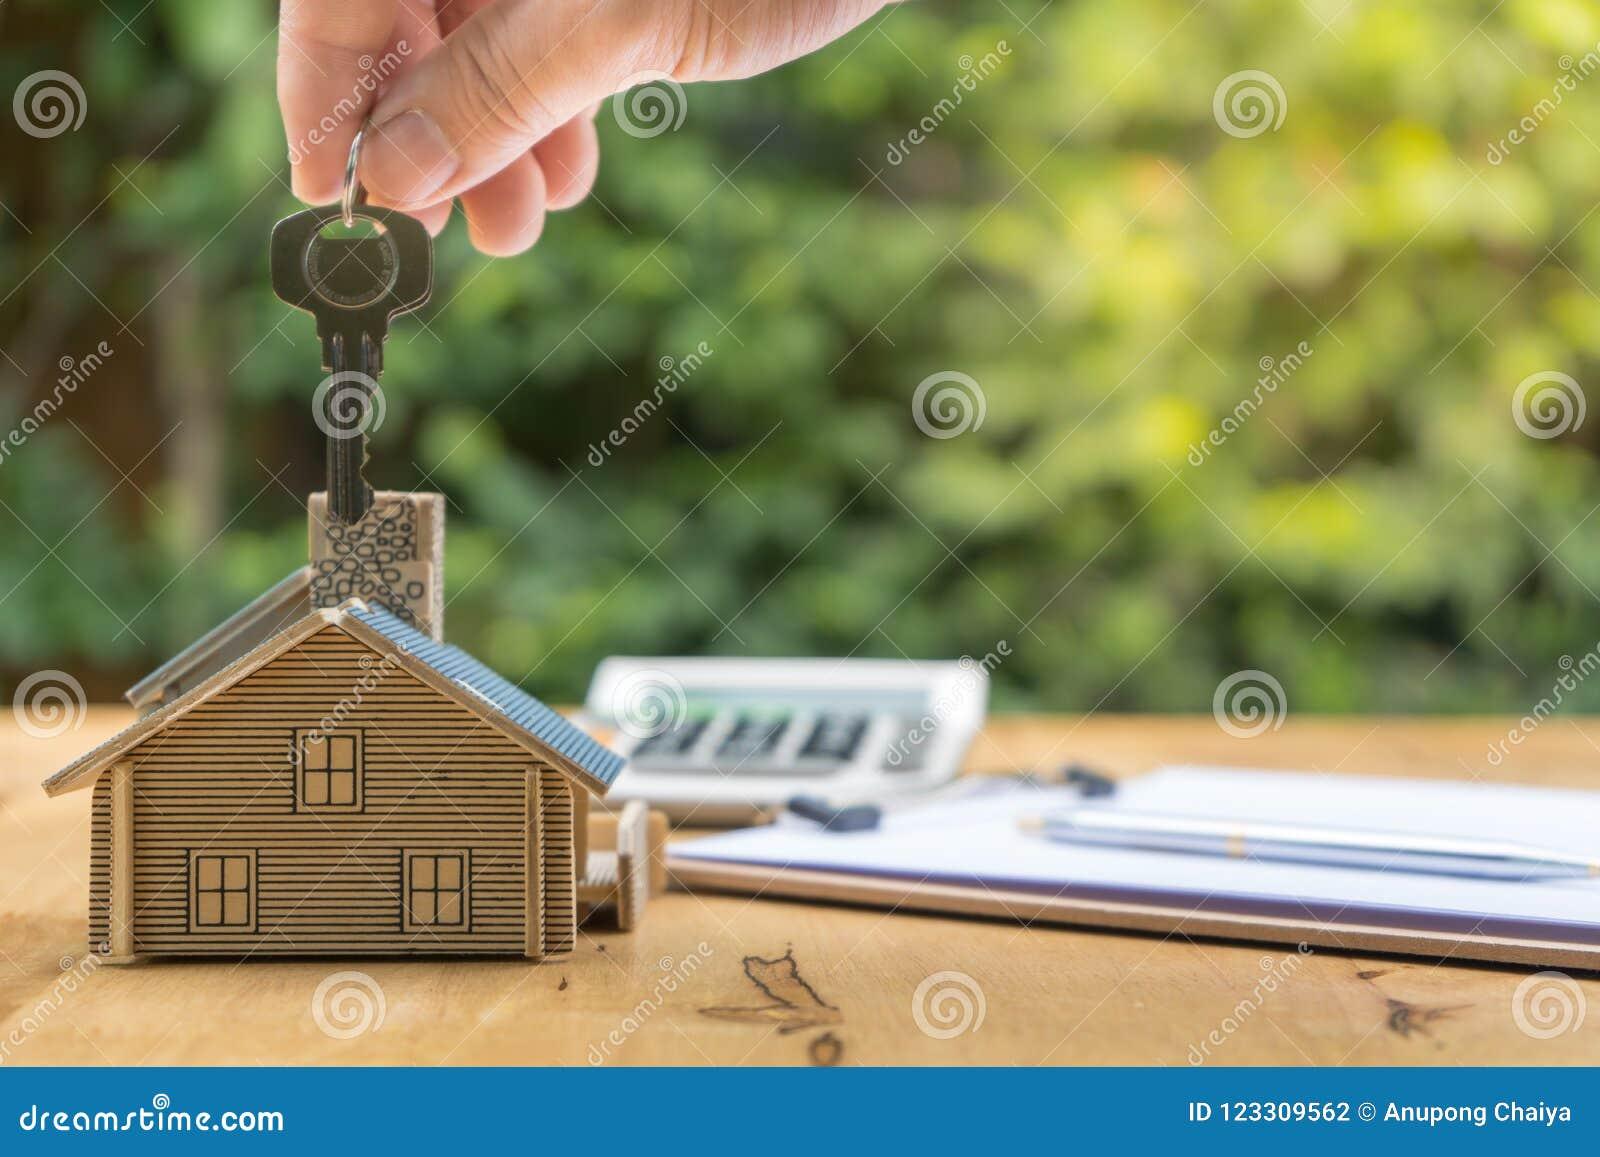 签署合同买进卖出房子的事务